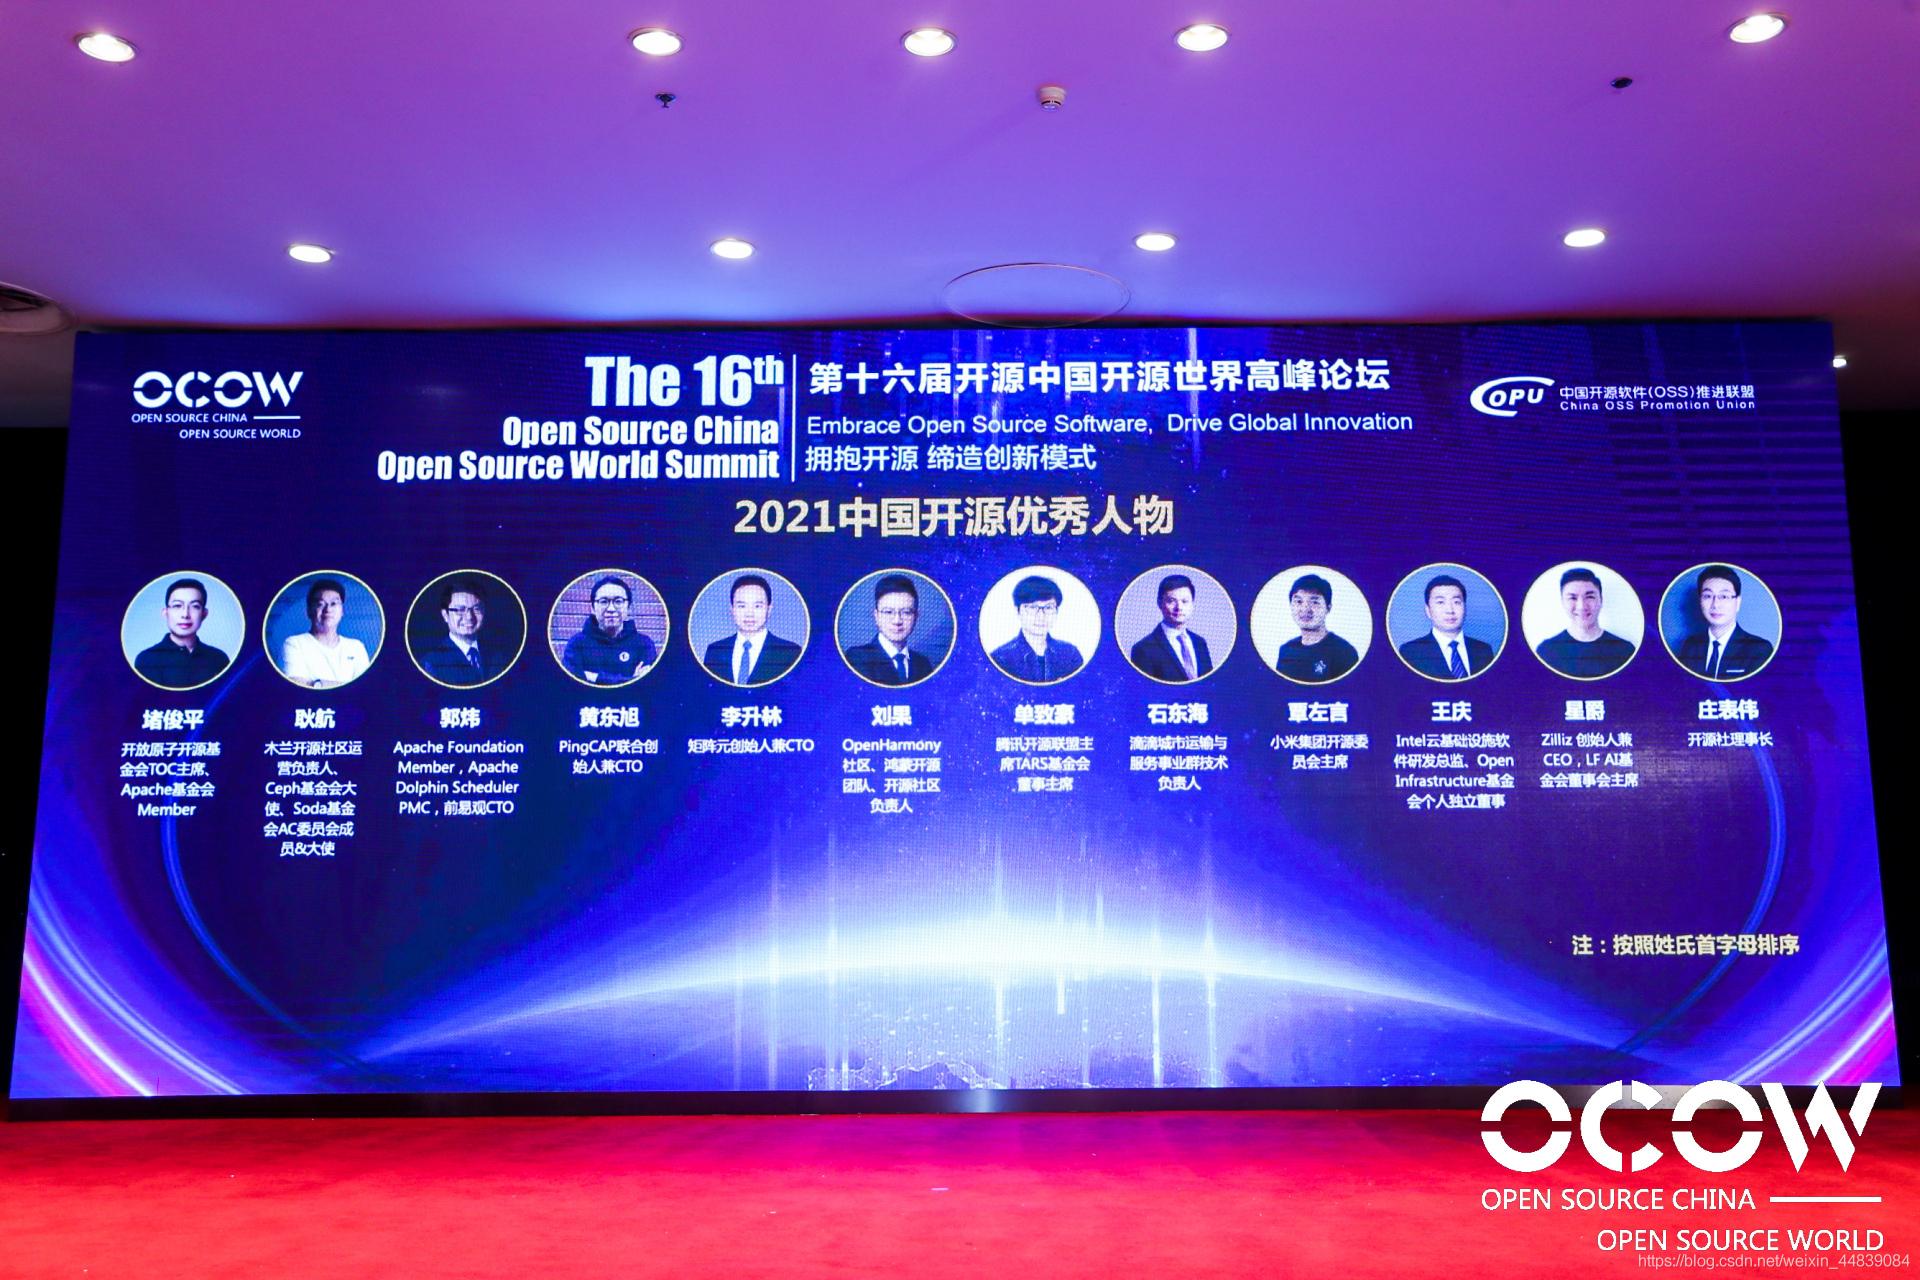 优化比较好企业网站源码(百度优化专业的网站排名优化_关键词优化_seo优化) (https://www.oilcn.net.cn/) 网站运营 第23张